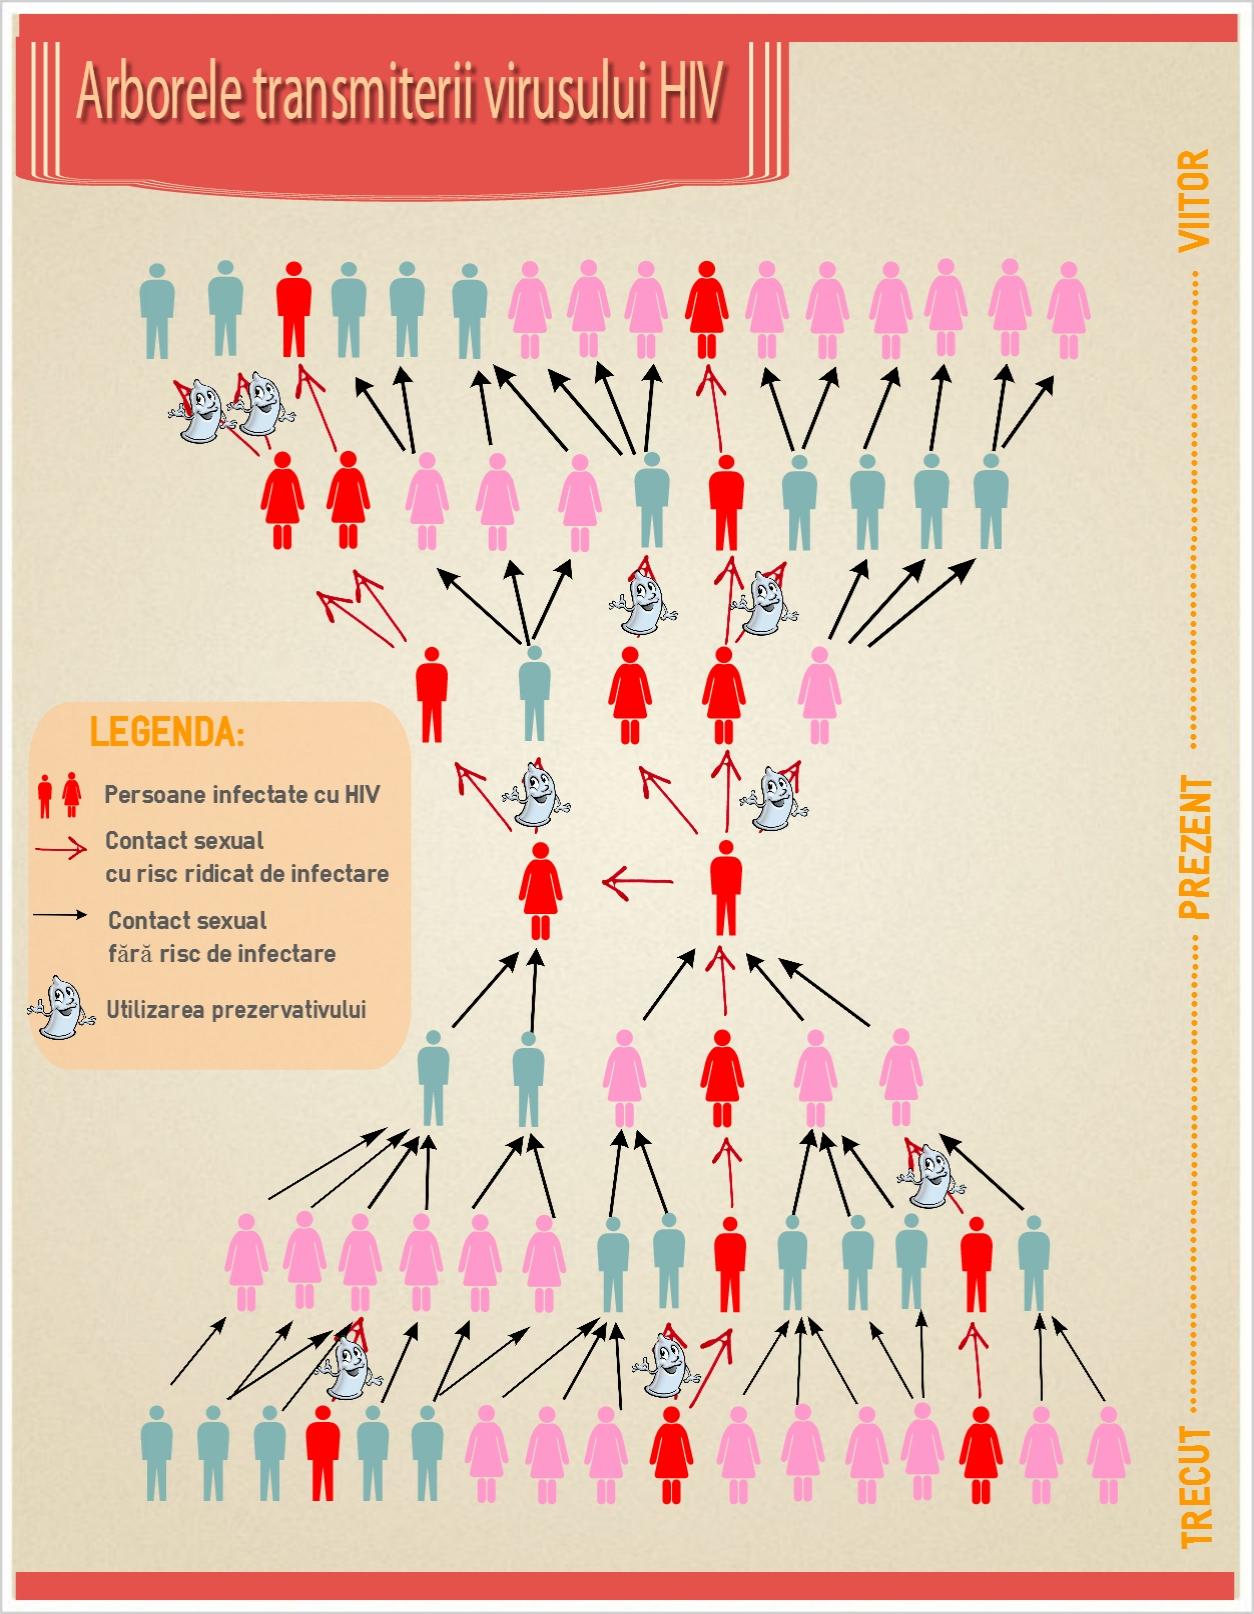 Arborele transmiterii